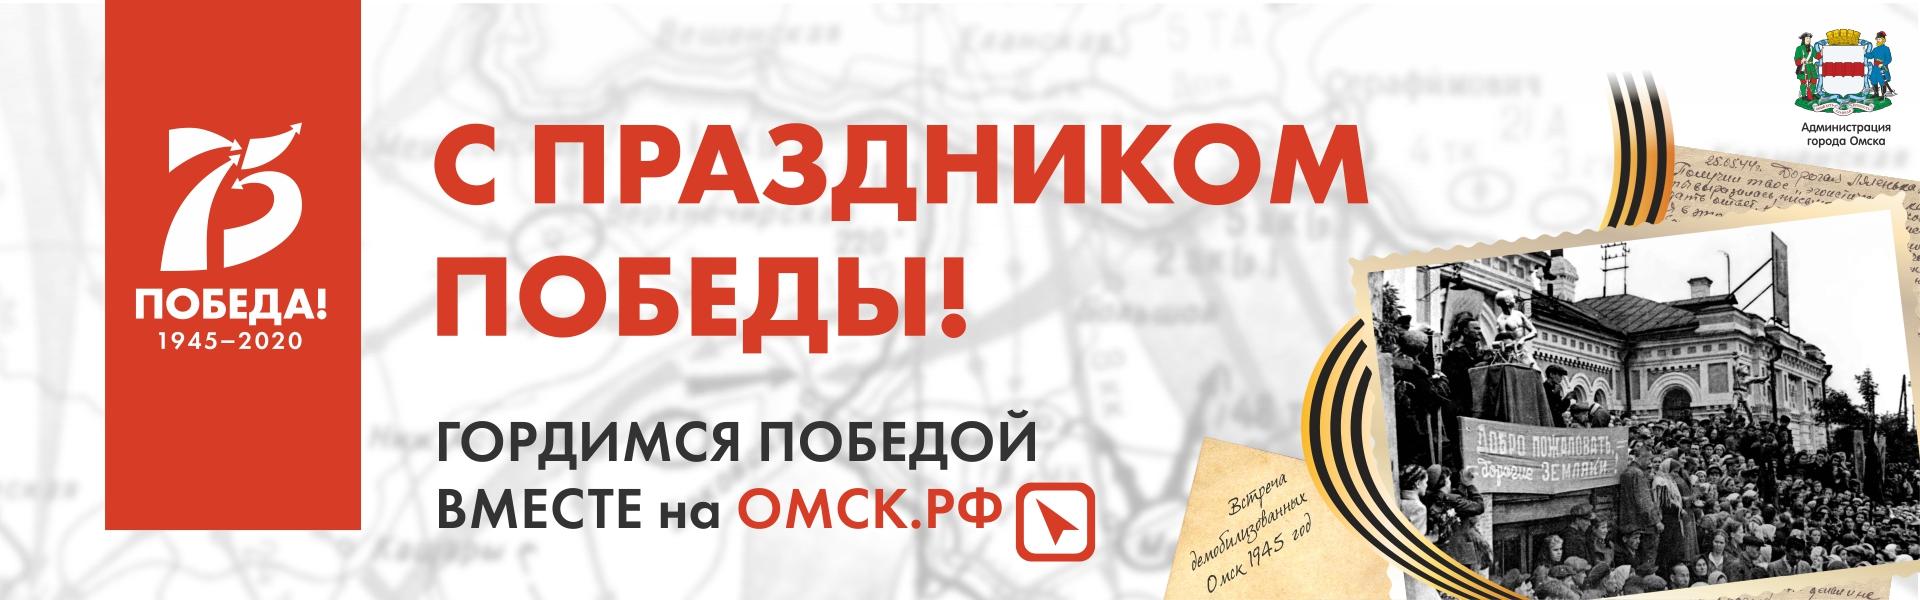 75 Лет Победы Омск